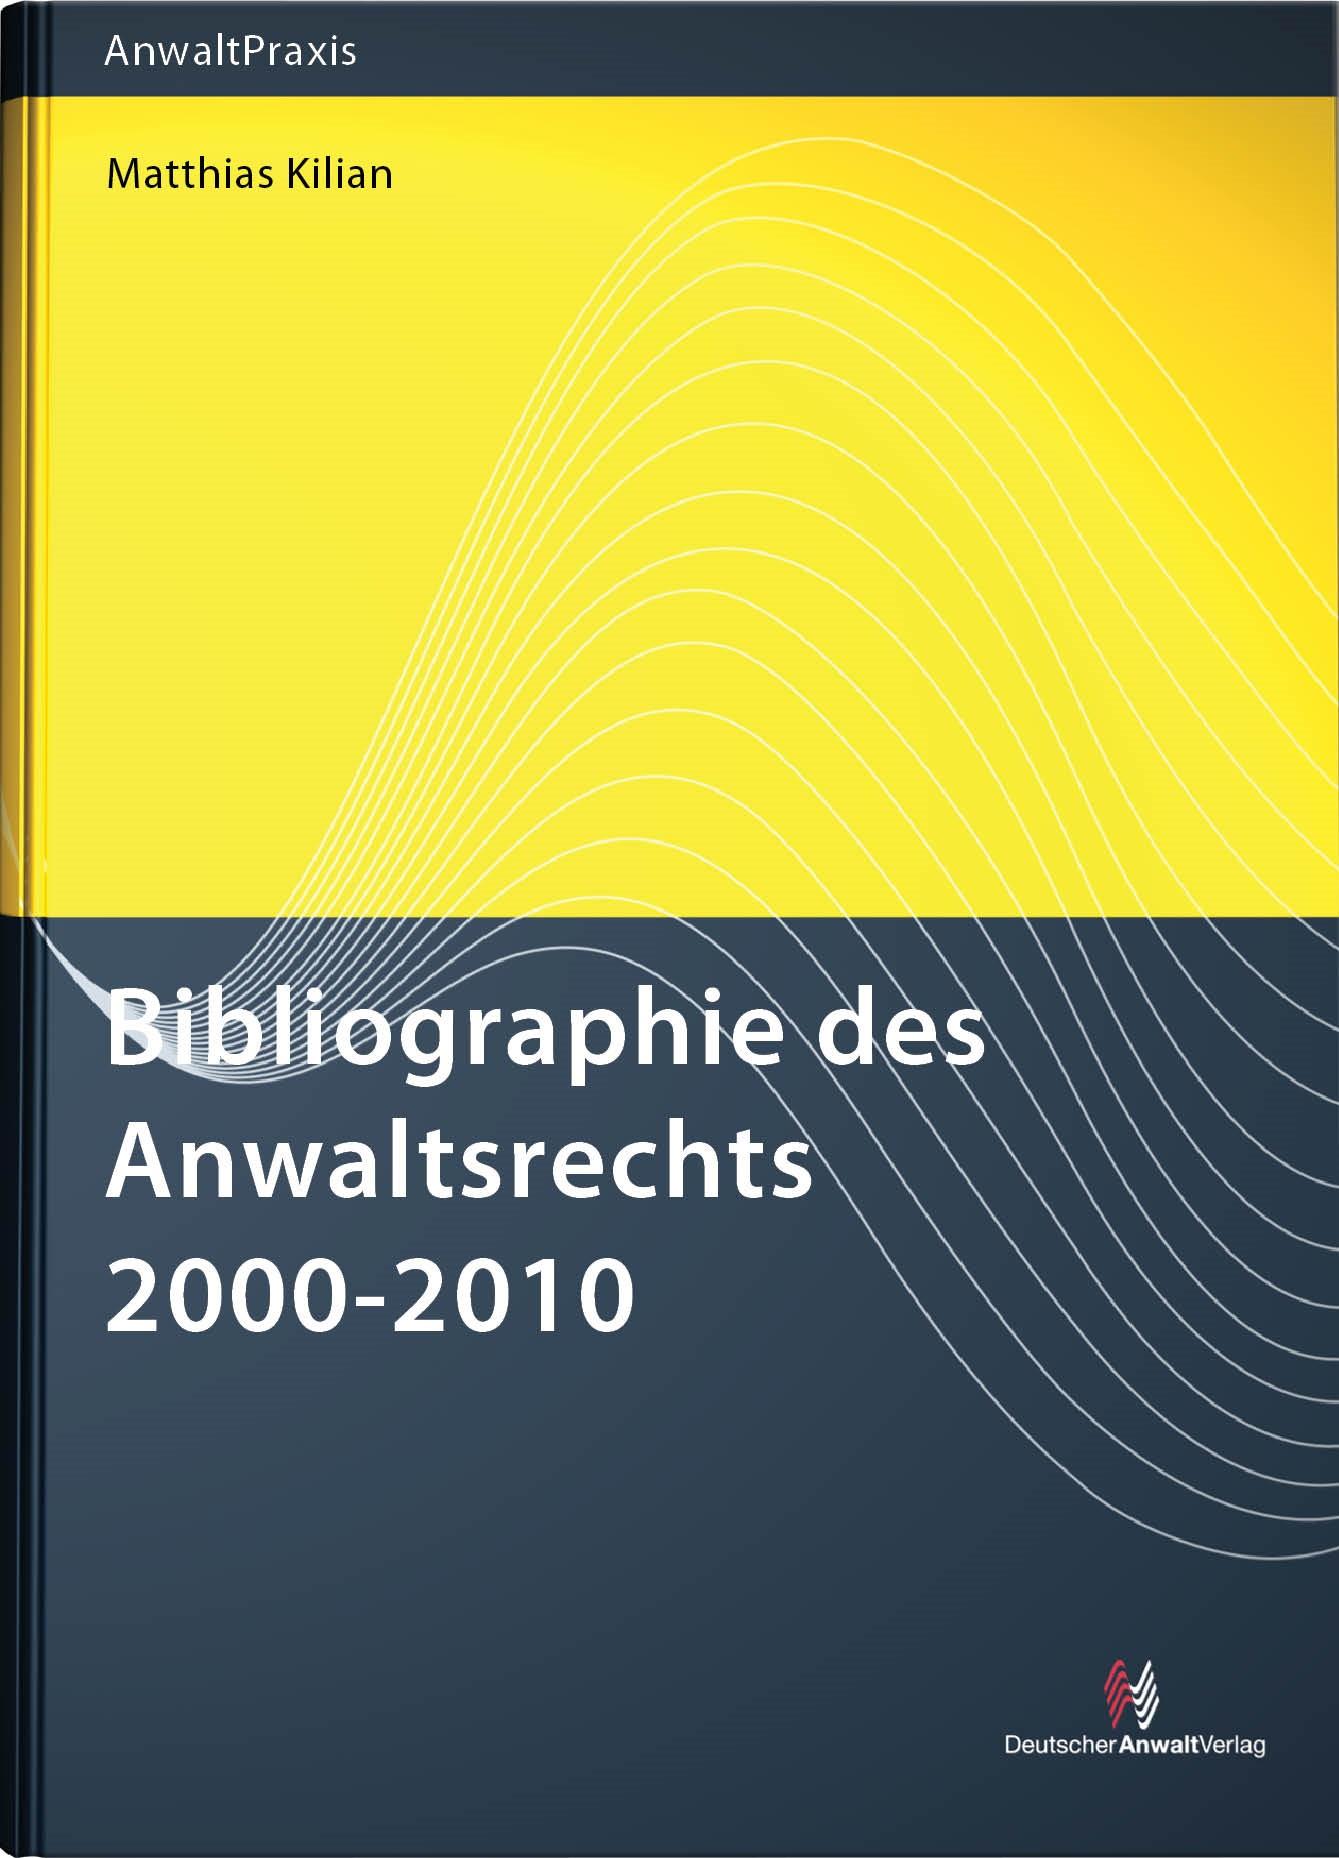 Bibliographie des Anwaltsrechts 2000-2010 | Kilian | 1. Auflage 2012, 2011 (Cover)